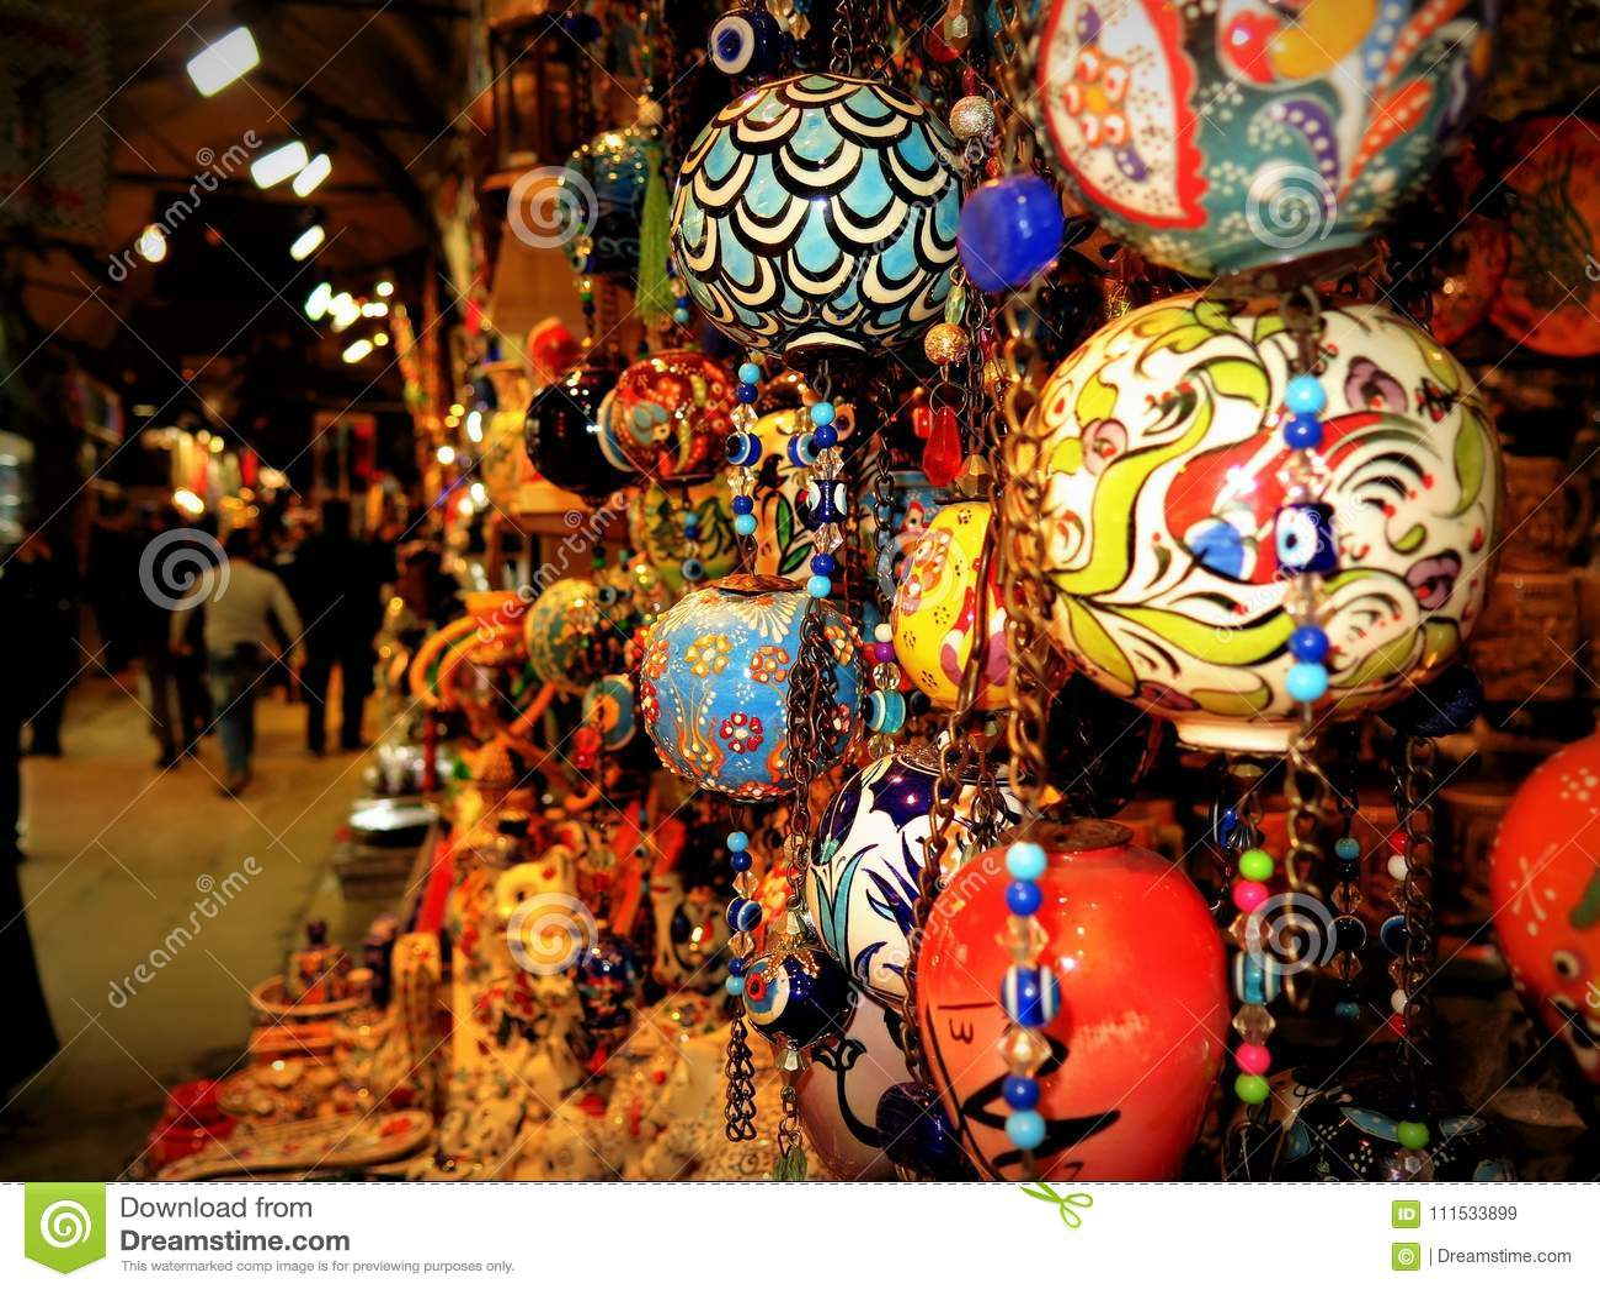 Sfera ornamenty w Istanbul bazarze